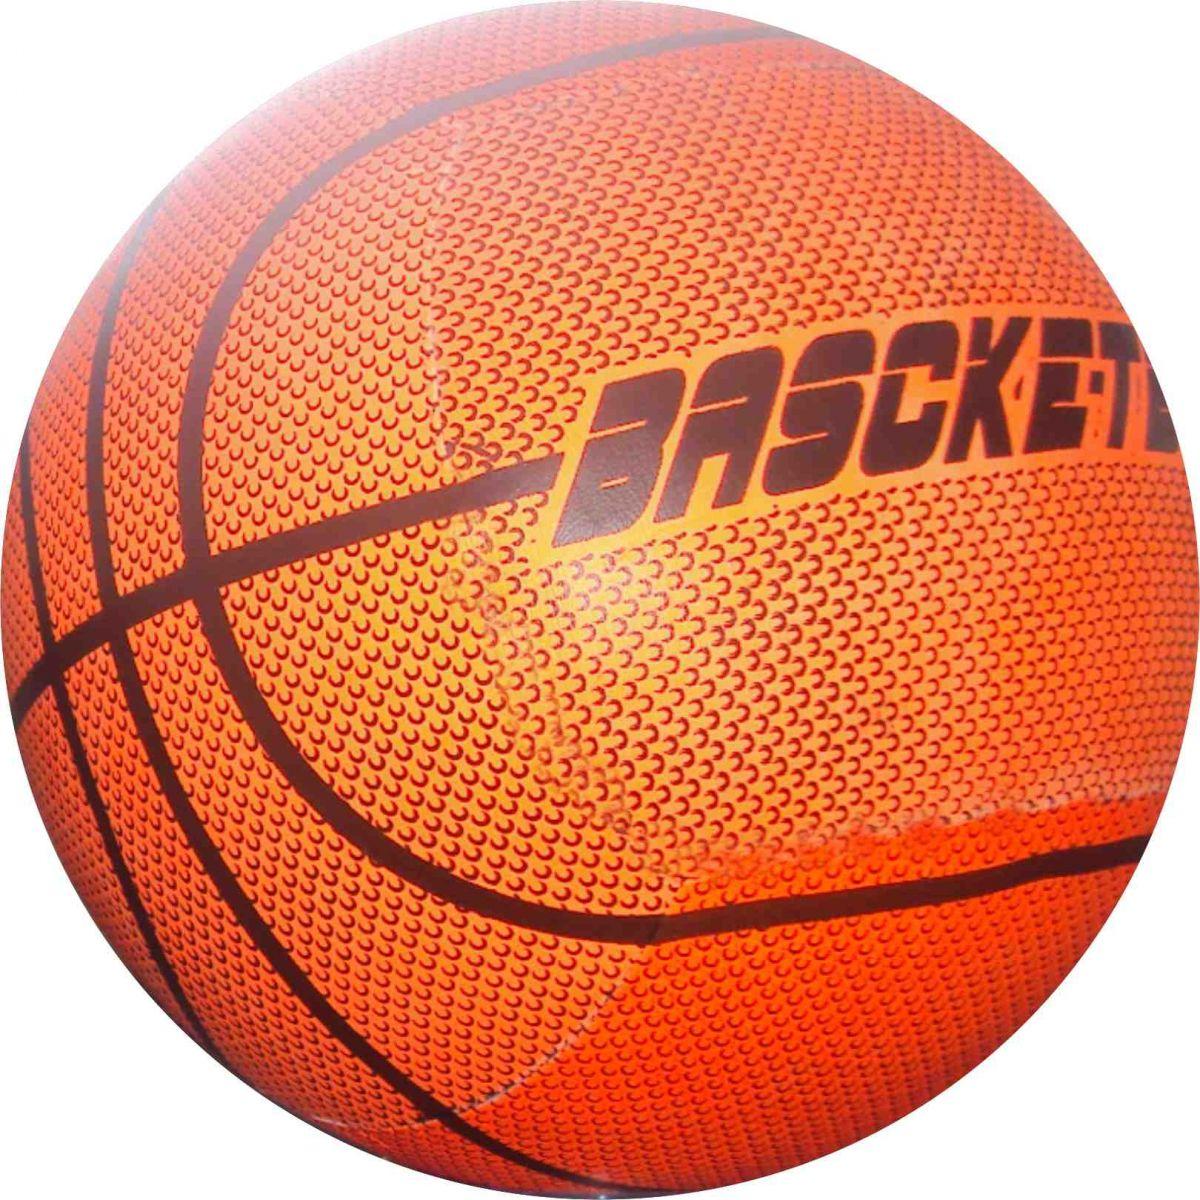 Mini Bola de basquete Eva  - Bolas Lassabia - Bolas de Futebol e Volei